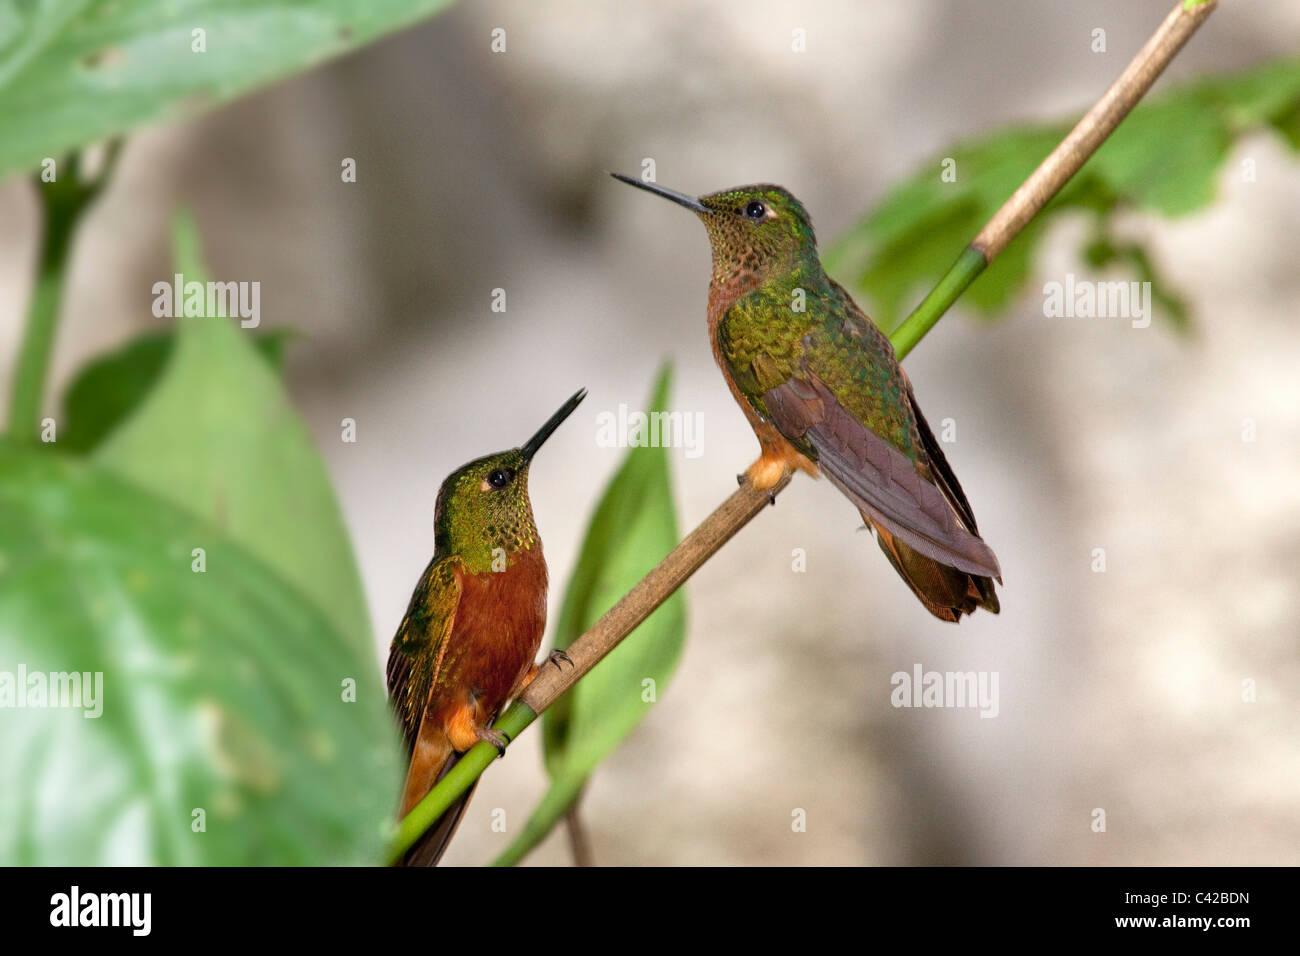 Pérou, Aguas Calientes, Machu Picchu, Inkaterra Machu Picchu Pueblo Hotel. Jardin. Hummingbird. Photo Stock